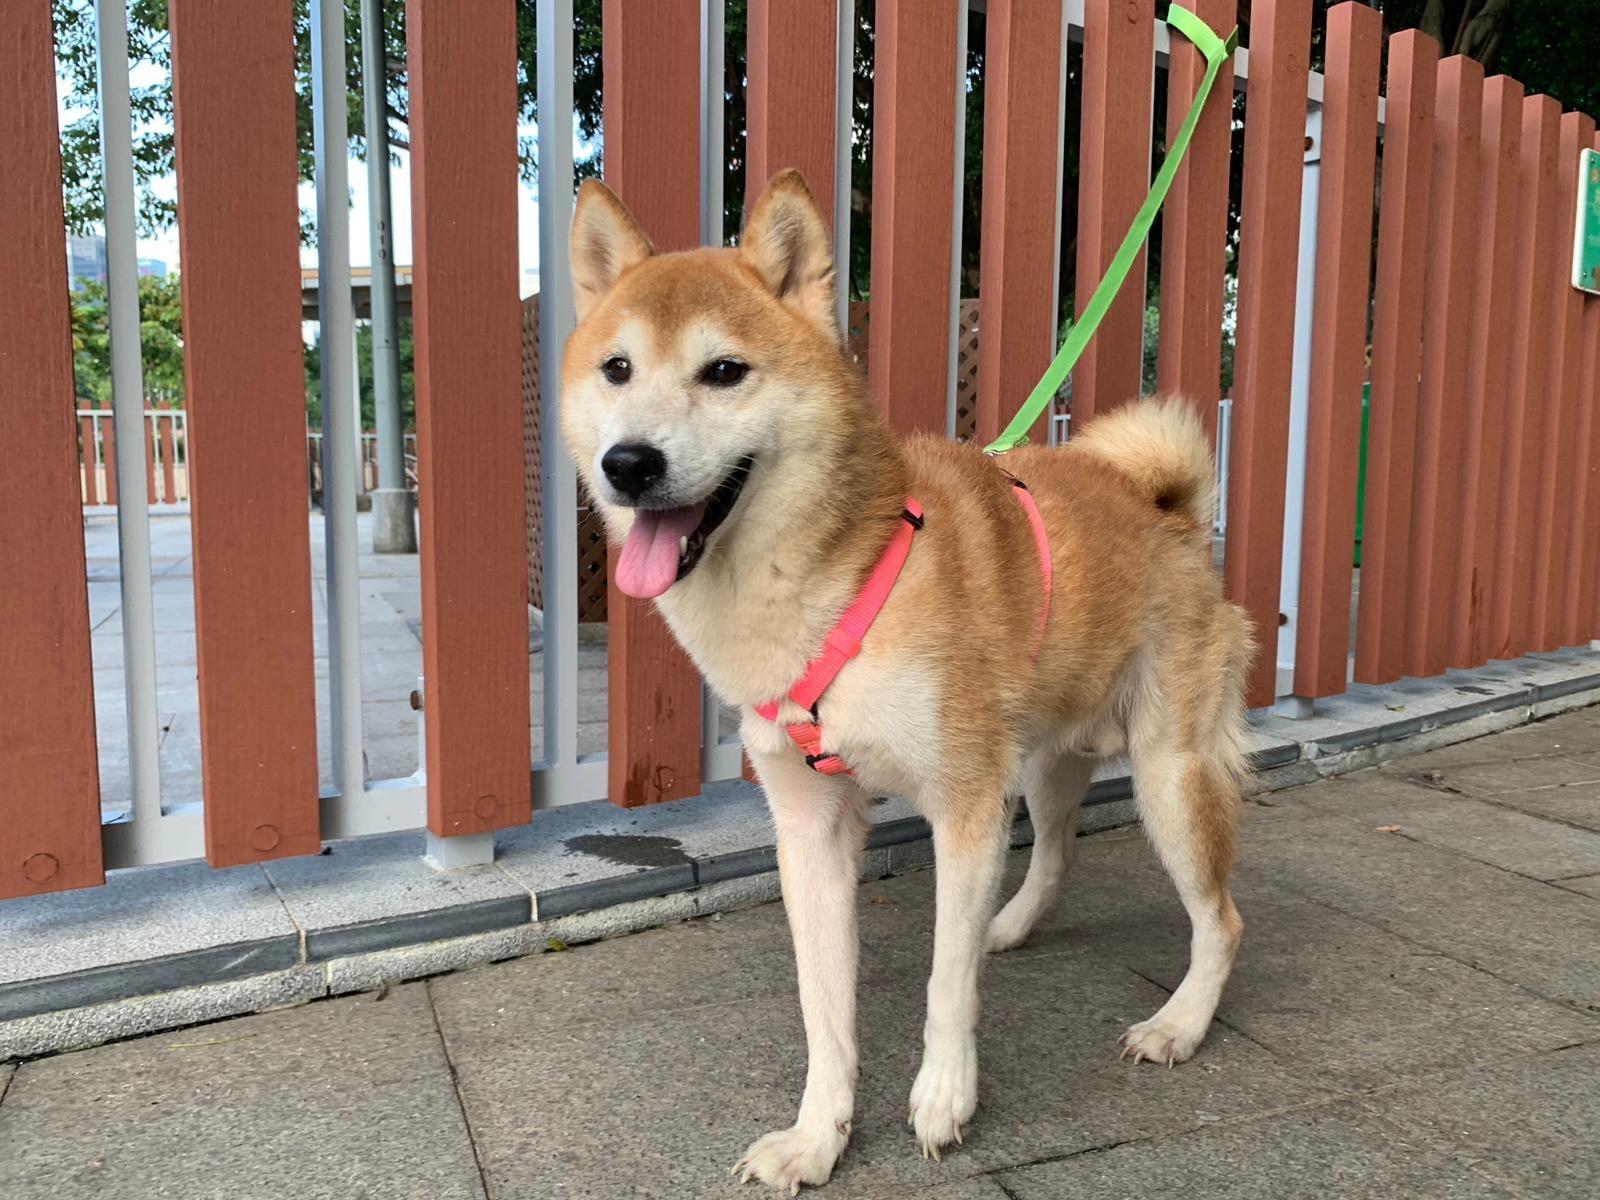 【領養不棄養】寵物店狠棄8隻柴犬 動物機構現開放登記領養